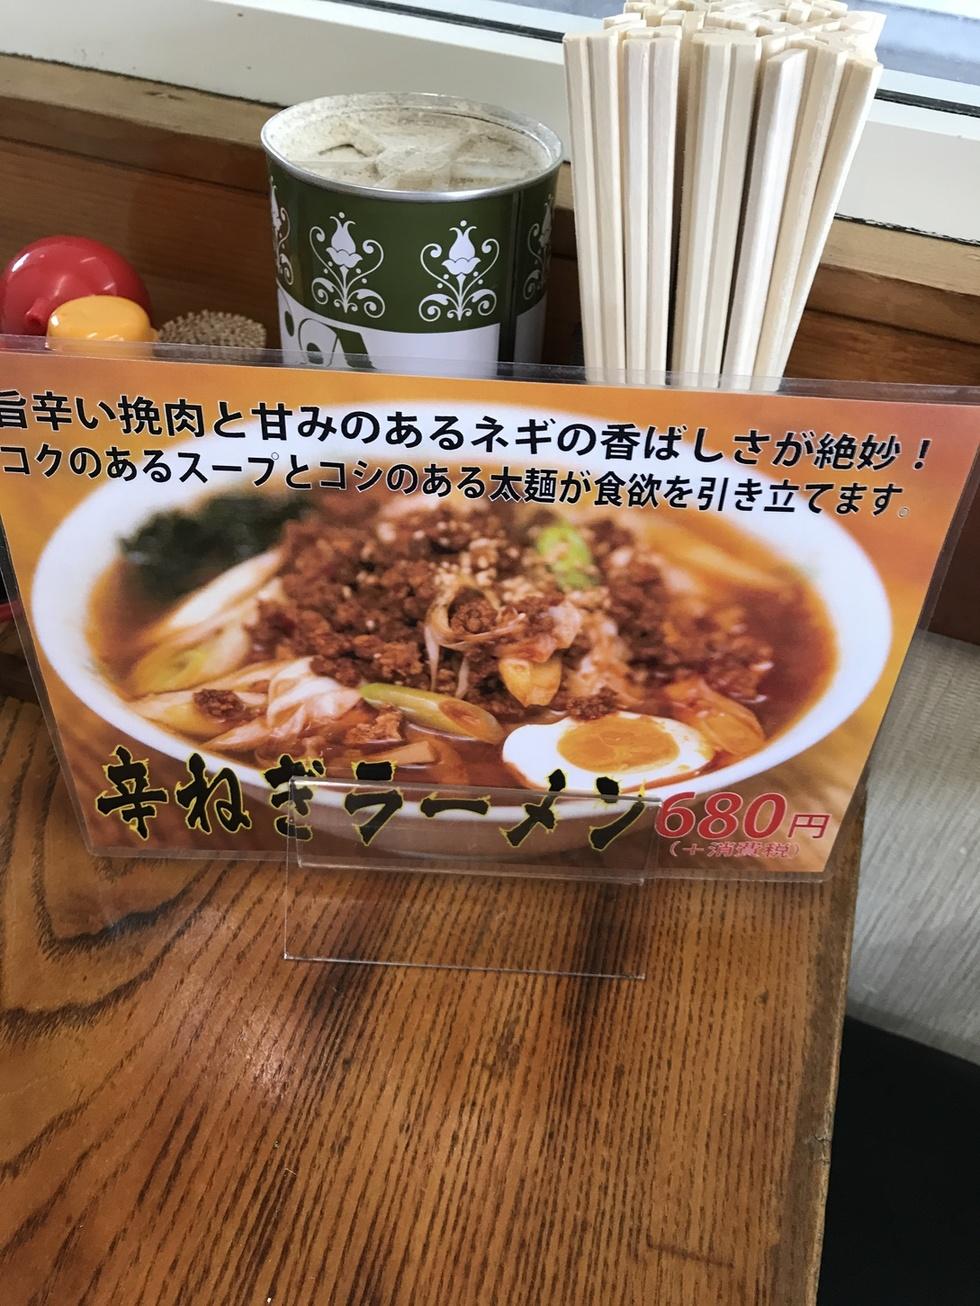 熊ちゃんラーメン name=